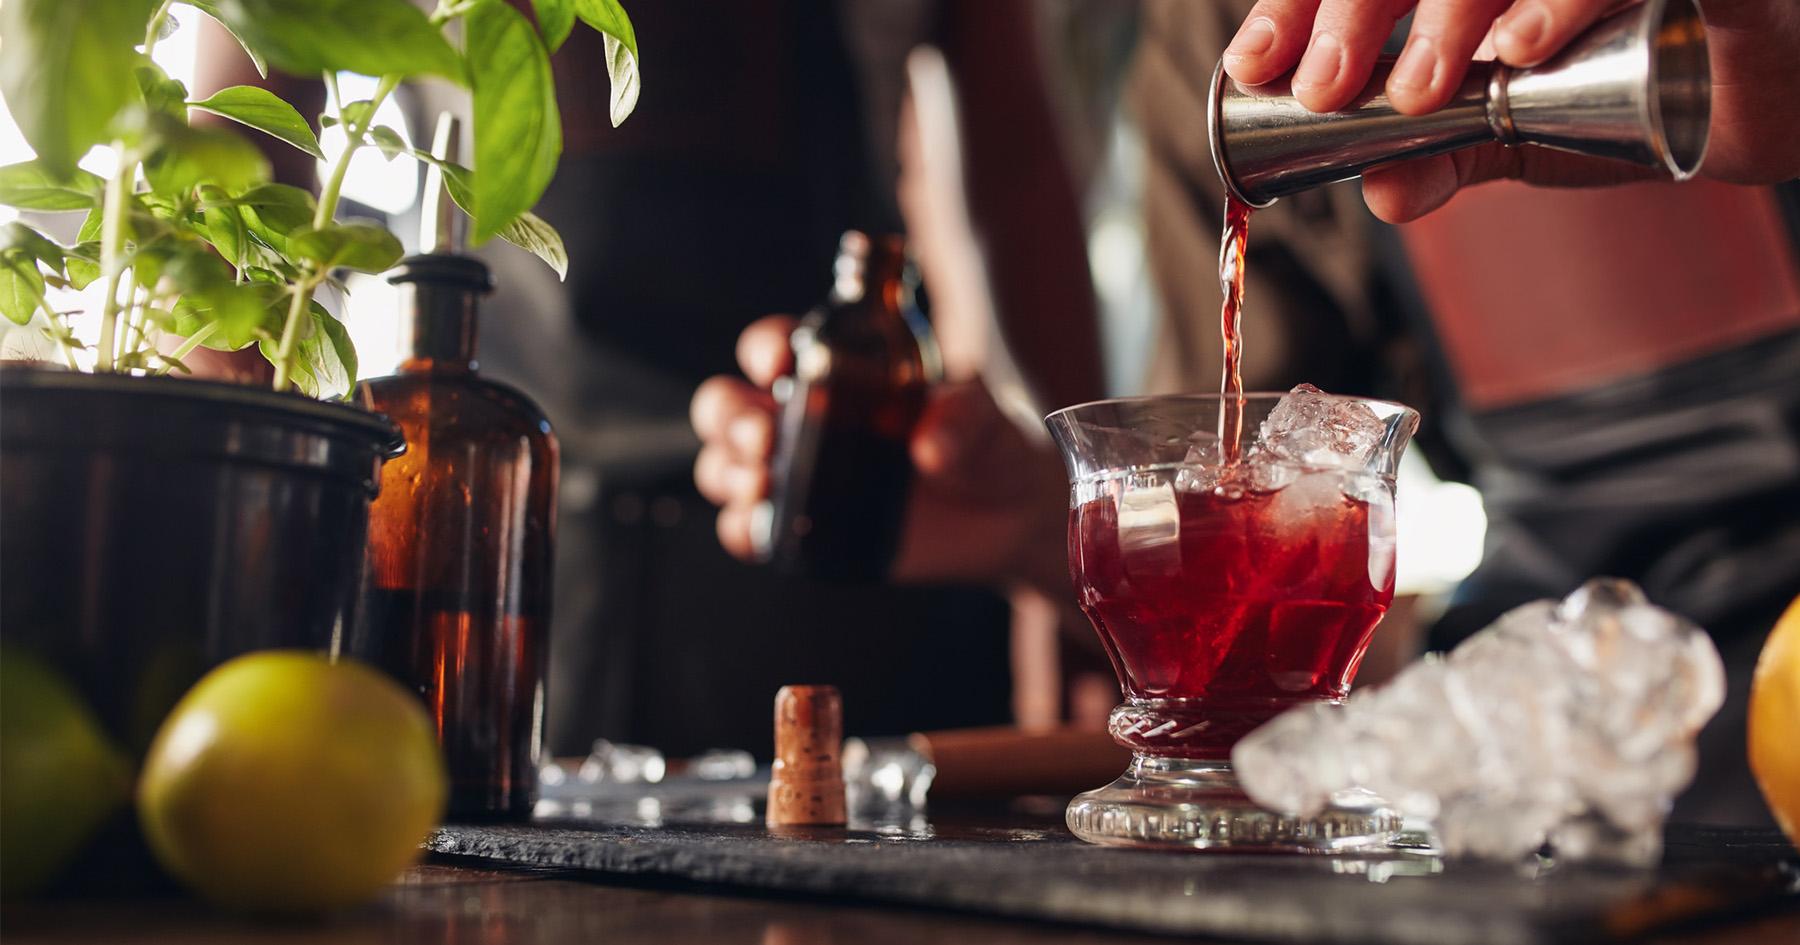 adult beverage sales